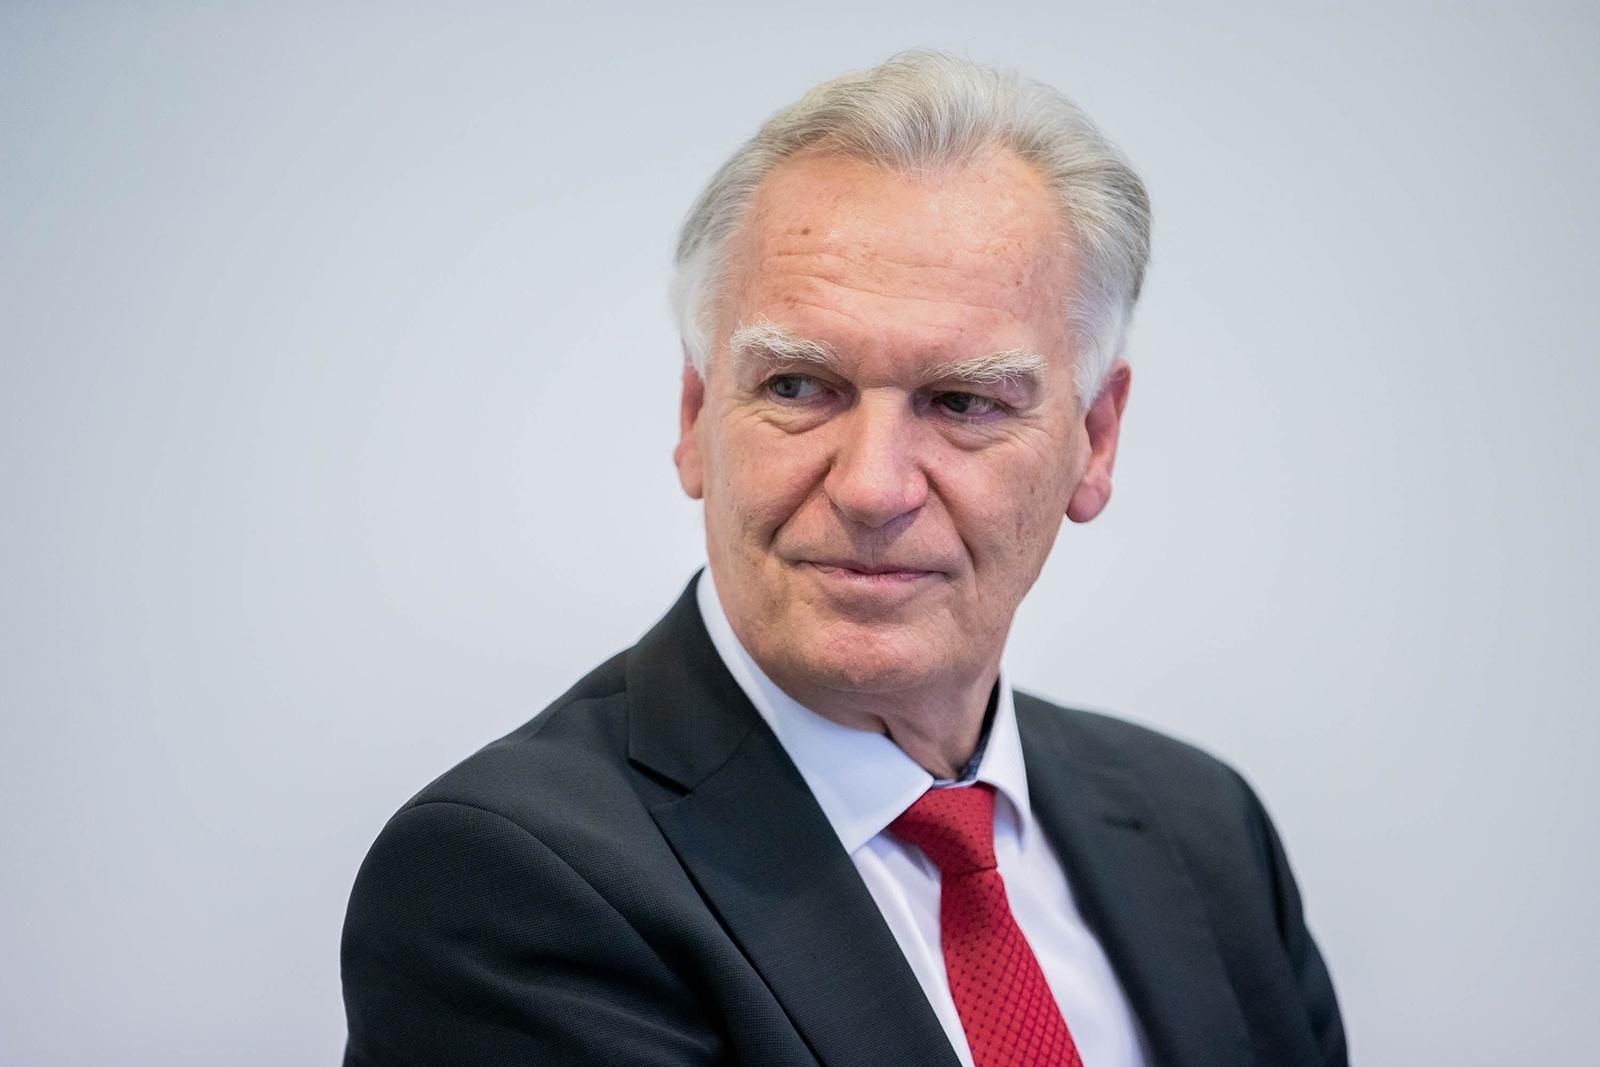 Der Bundesvorsitzende des Weissen Rings, Jörg Ziercke